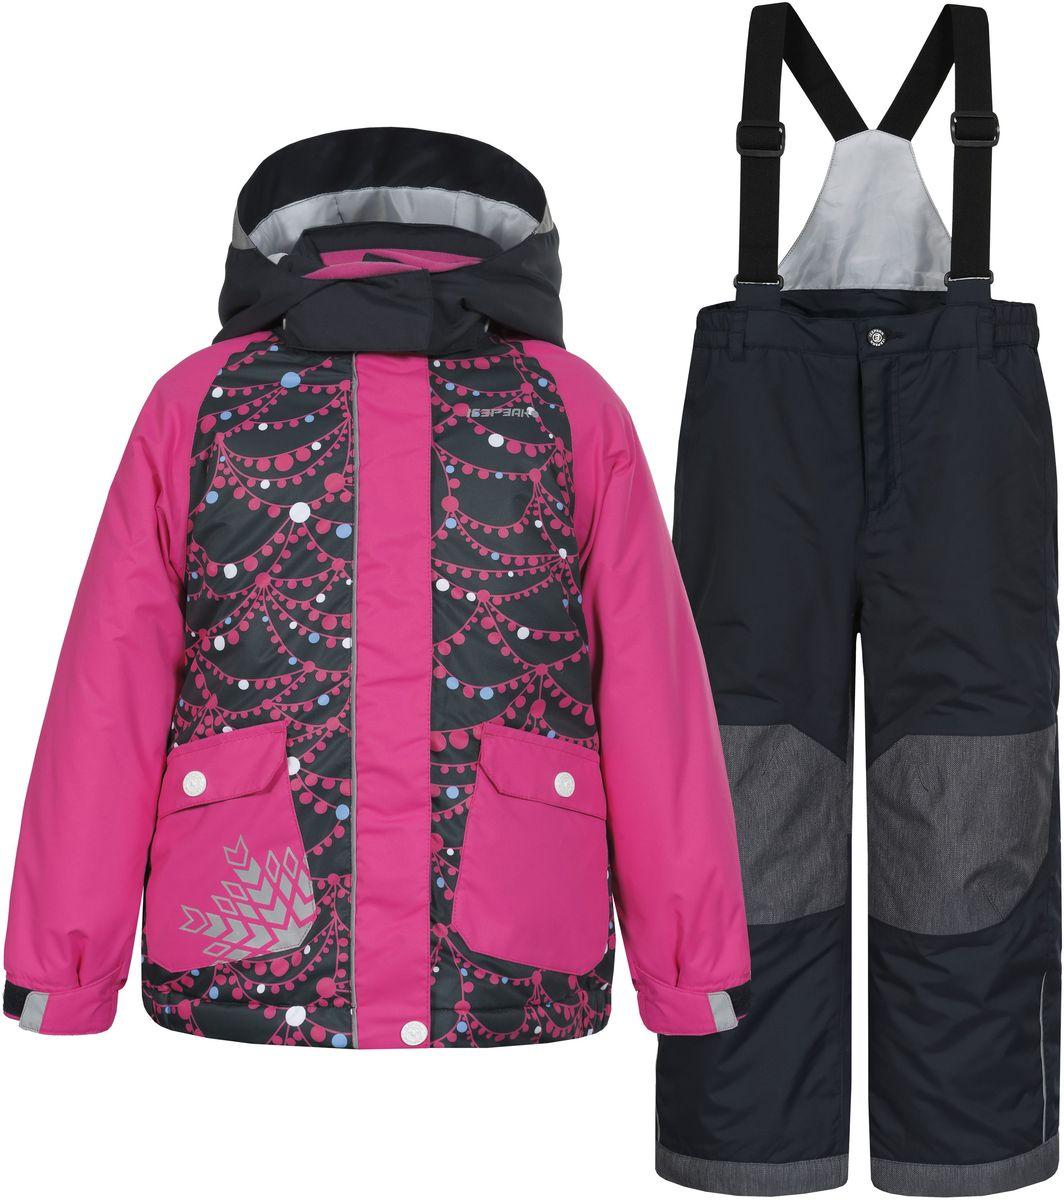 652102502IV_390Комплект для девочки Icepeak Jody Kd выполнен из 100% полиэстера и состоит из куртки и брюк. В качестве подкладки и утеплителя также используется 100% полиэстер. Ткань изготовлена с применением технологии ICEMAX, с водонепроницаемой и воздухопроницаемой мембраной 5000мм/2000 г/м2 /24 ч, которая защищает от ветра и влаги даже в экстремальных условиях. Брюки застегиваются на молнию и пуговицу. Подкладка брюк выполнена из гладкой ткани. Изделие дополнено эластичными наплечными лямками, регулируемыми по длине. На талии по бокам предусмотрена широкая эластичная резинка. Снизу брючин предусмотрены муфты с прорезиненными полосками, препятствующие попаданию снега в обувь и не дающие брючинам задираться вверх. Куртка со съемным капюшоном и воротником-стойкой застегивается на пластиковую застежку-молнию с защитой для подбородка и дополнительно имеет ветрозащитную планку на липучках и кнопках. Капюшон пристегивается при помощи кнопок. Манжеты рукавов дополнены...